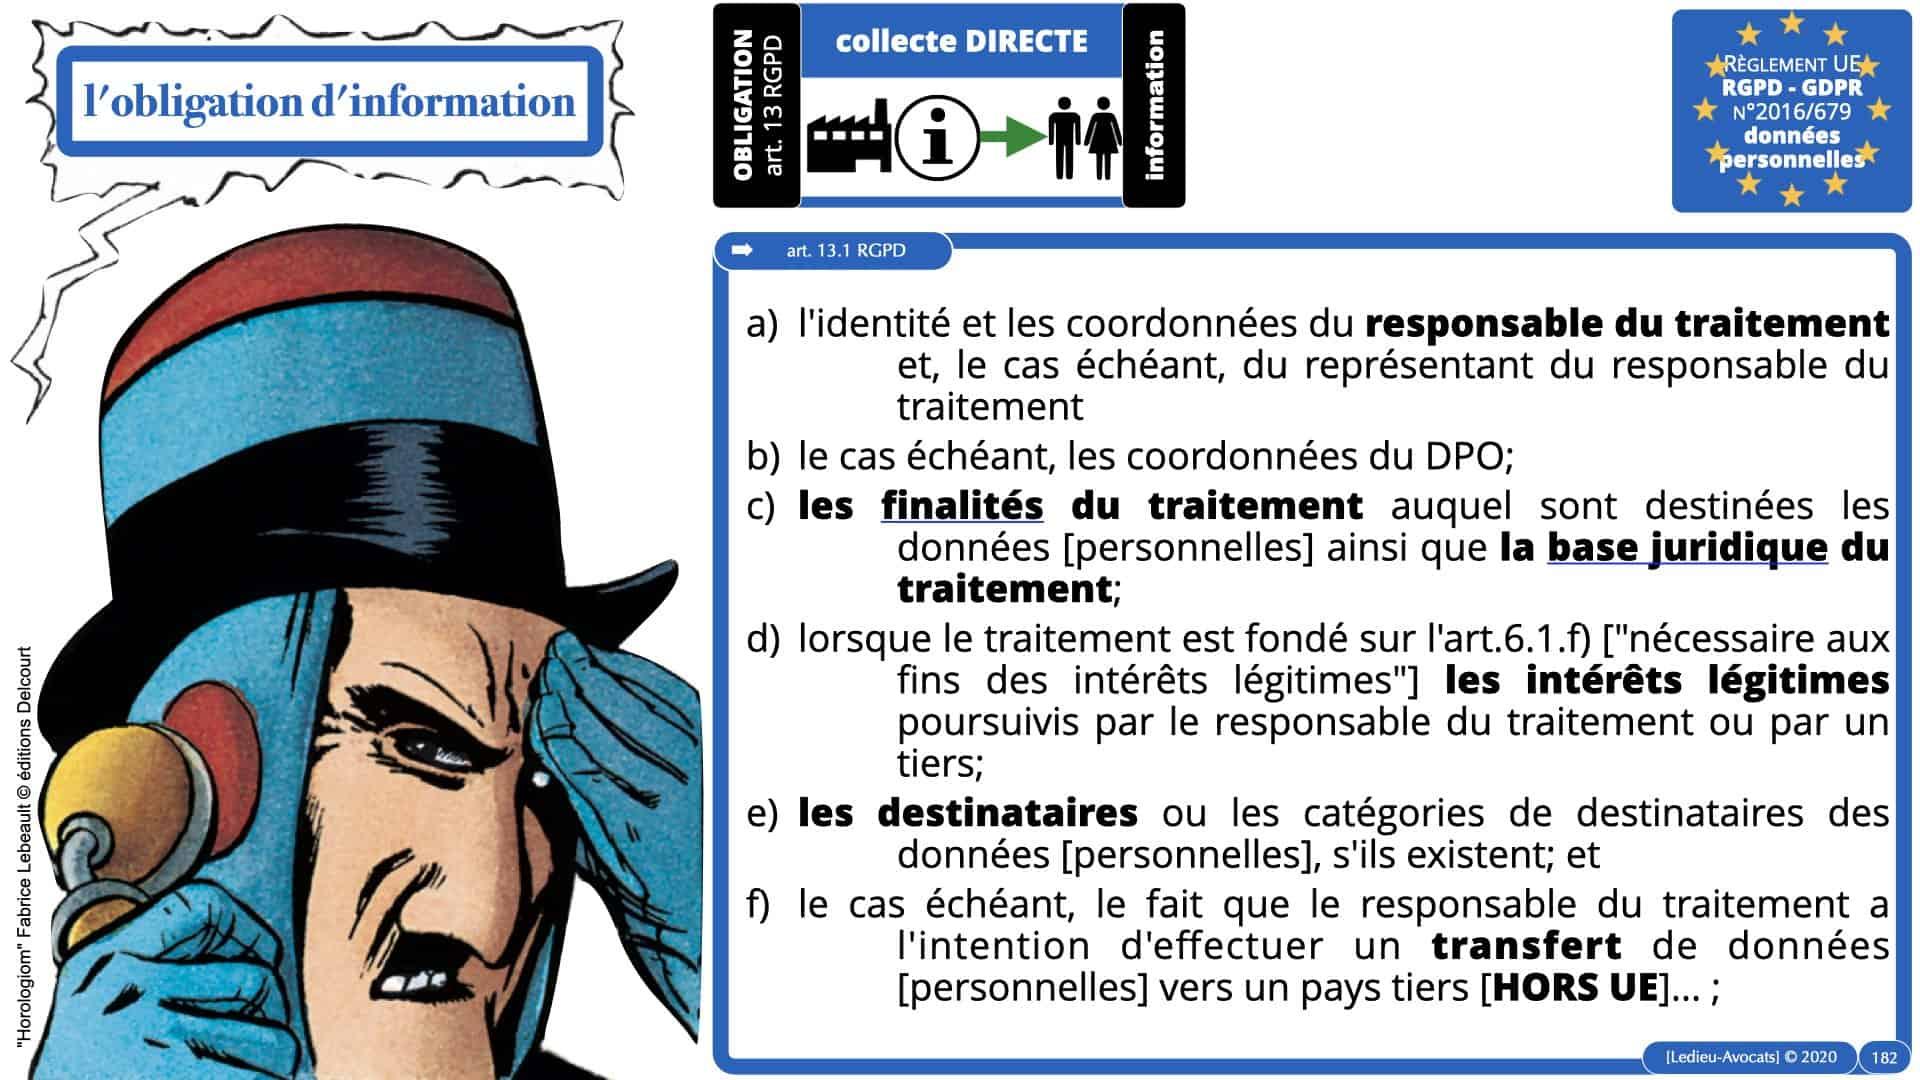 RGPD e-Privacy données personnelles jurisprudence formation Lamy Les Echos 10-02-2021 ©Ledieu-Avocats.182